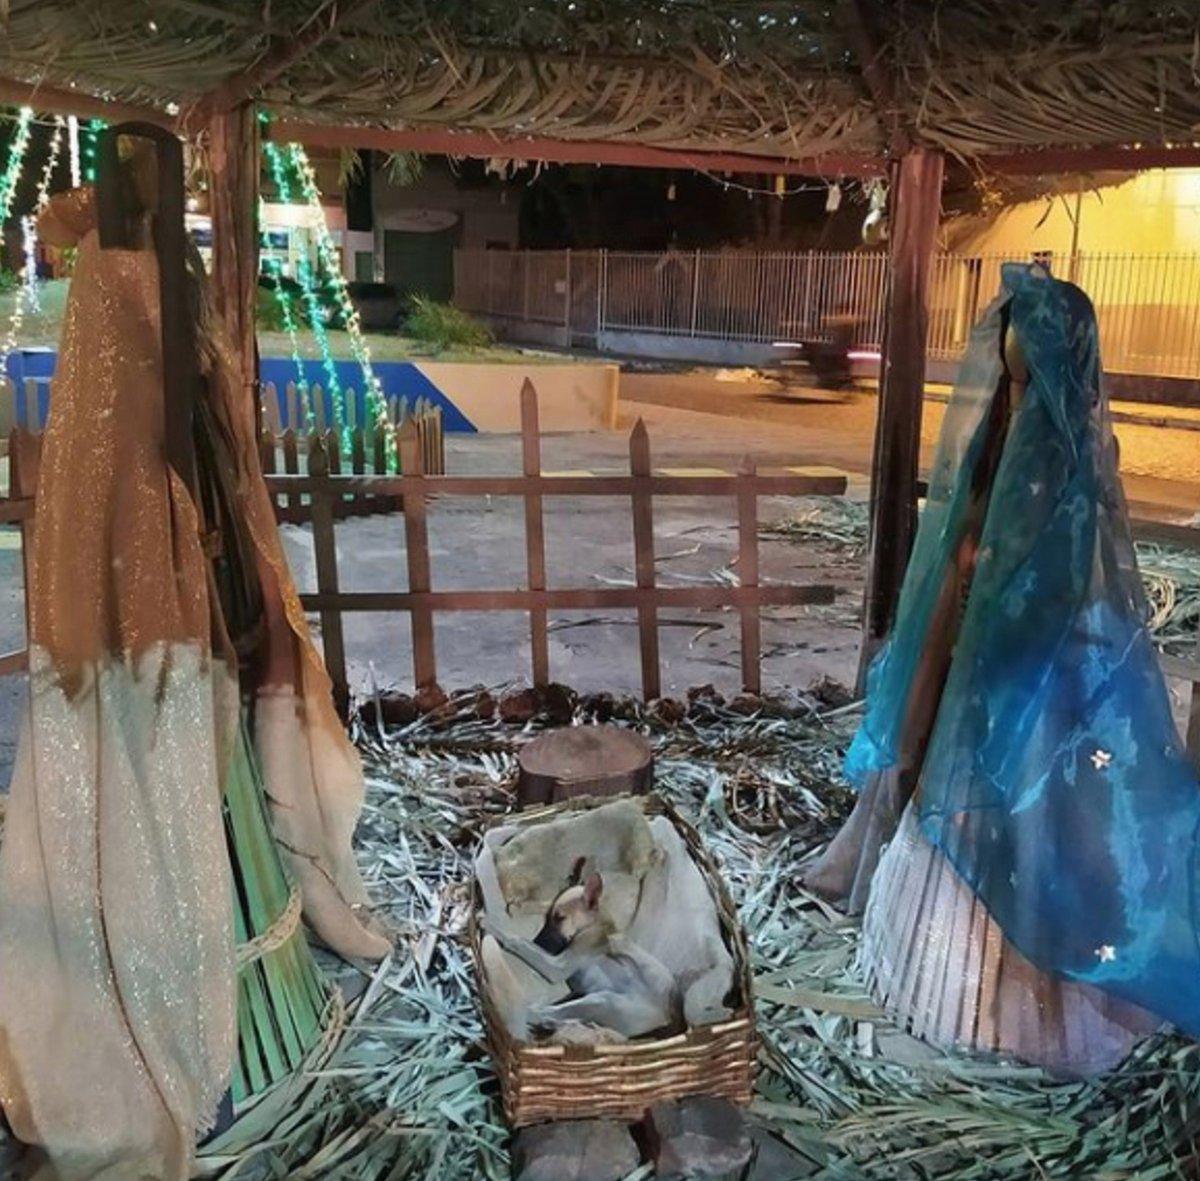 Une femme passant près d'une crèche de Noël remarque un chiot qui dort dans la mangeoire